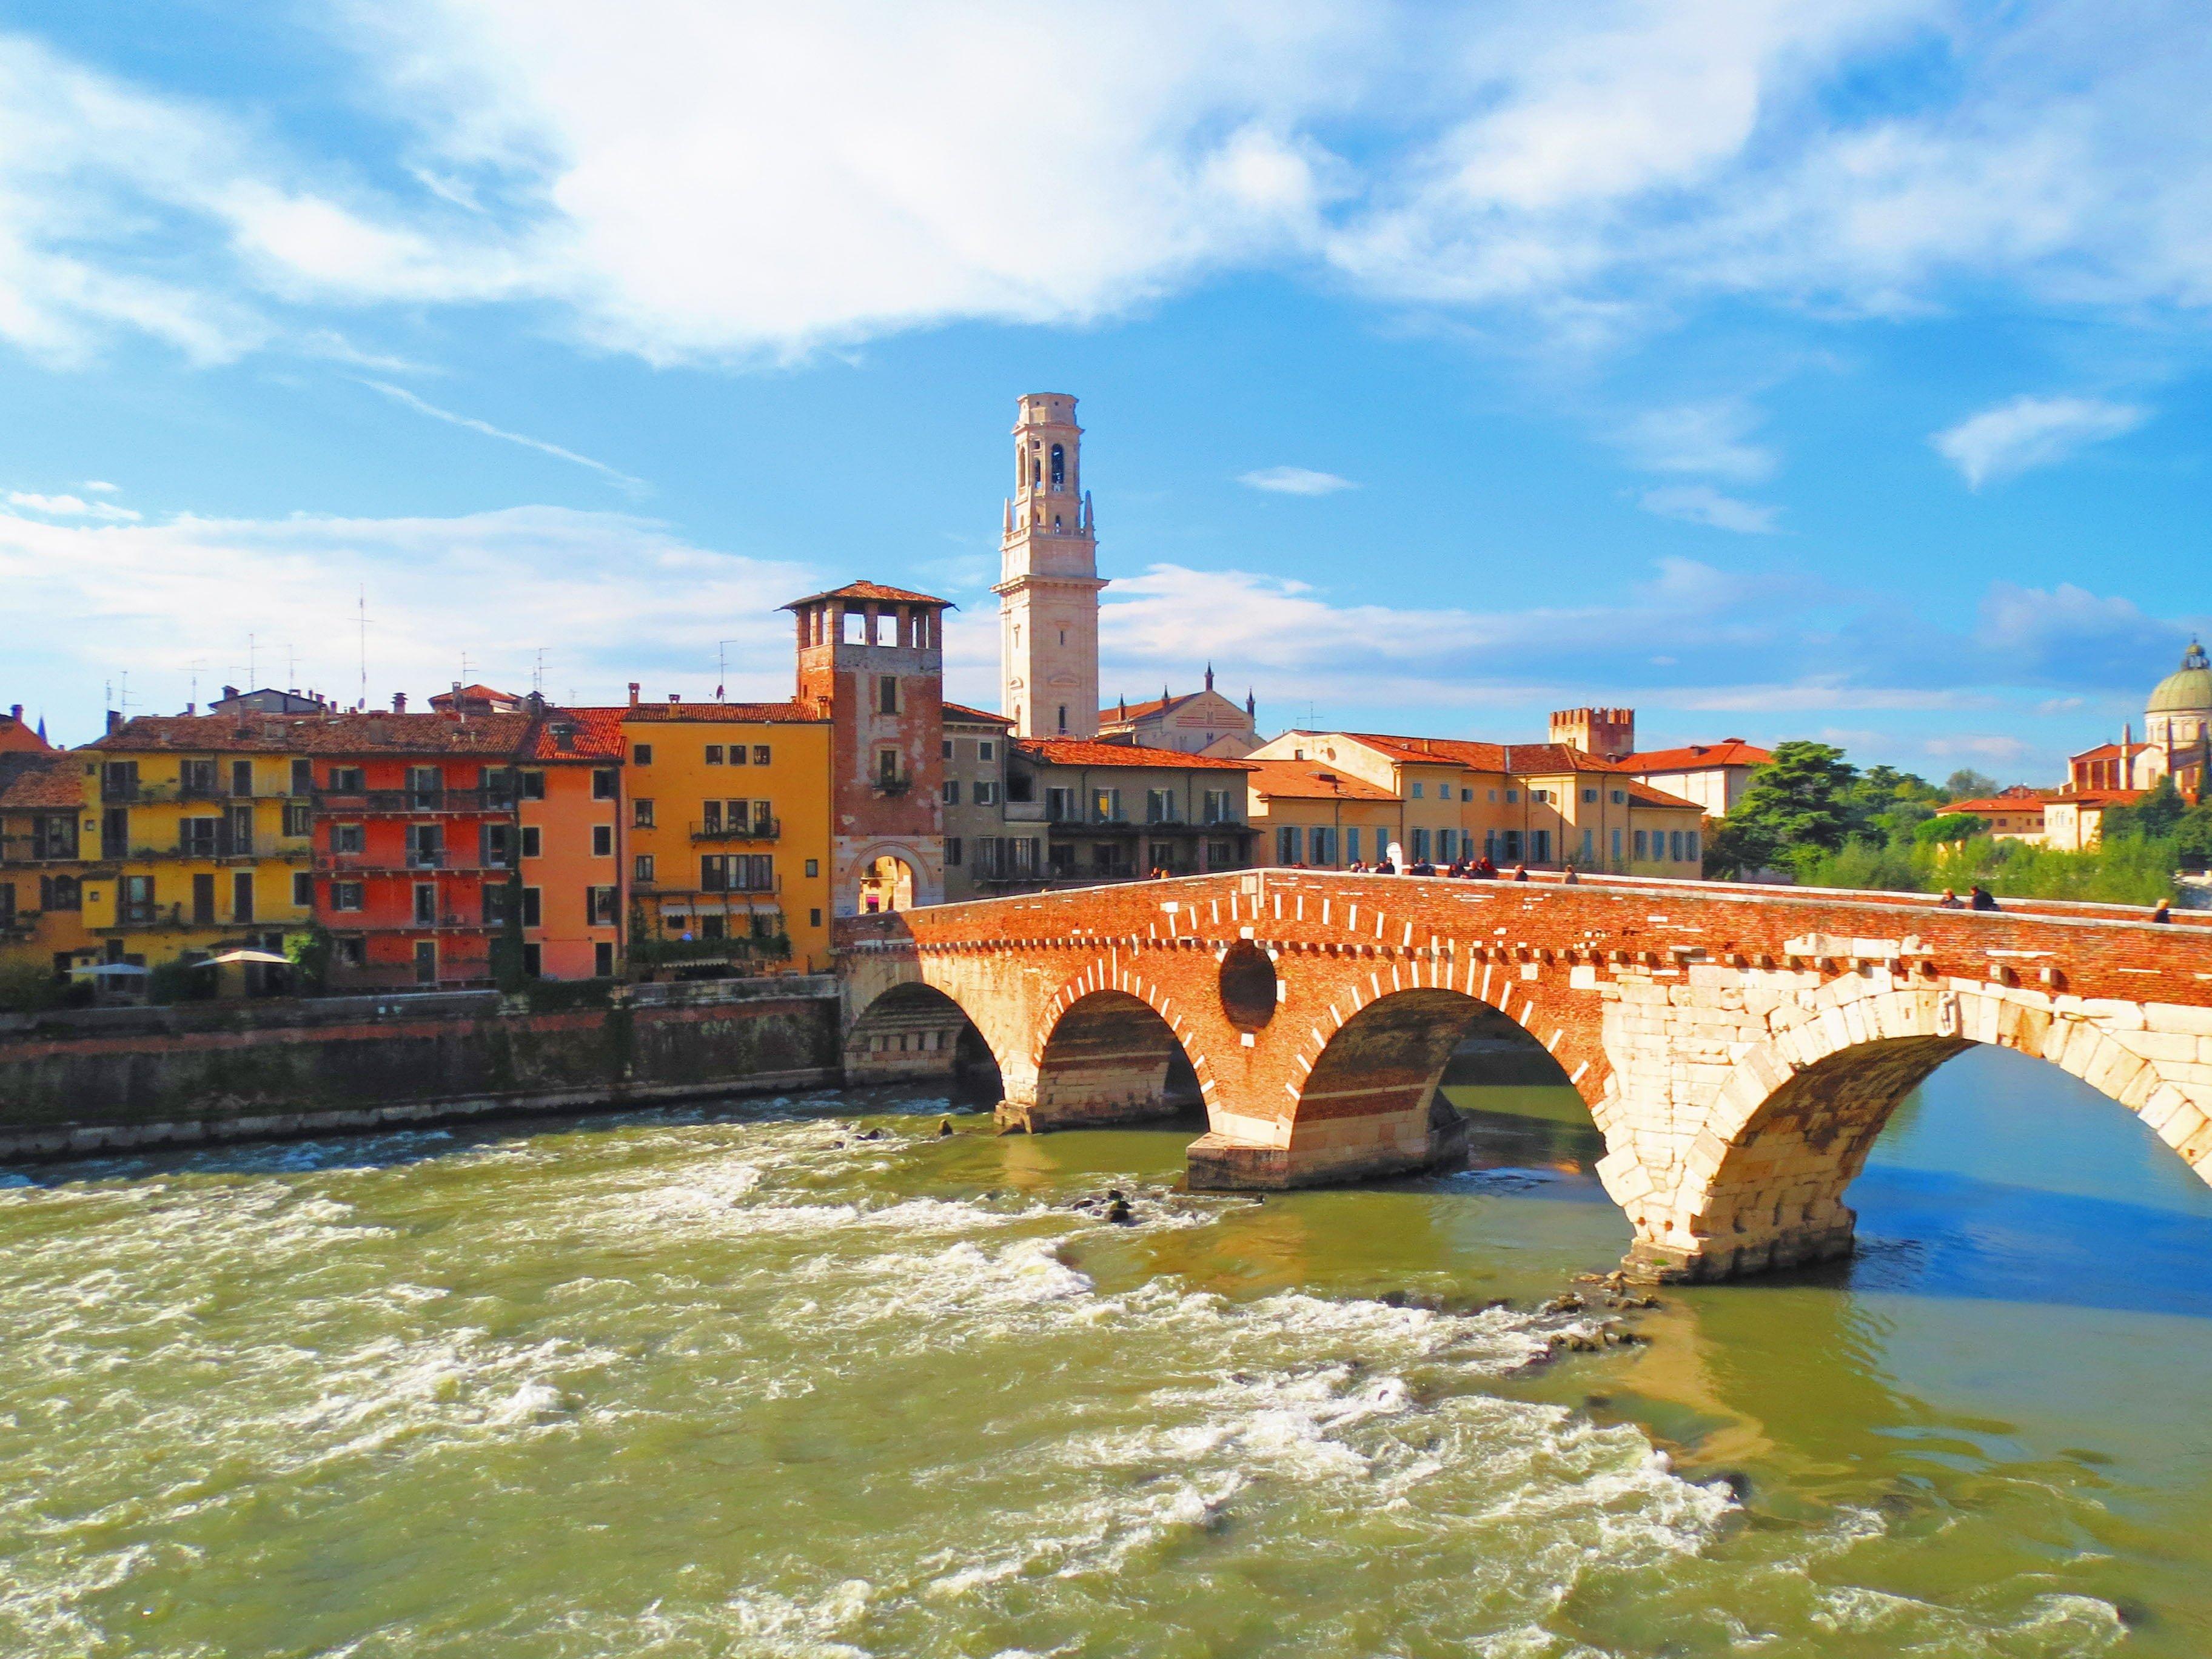 Wallpaper Wanderer: Ponte Pietra Bridge in Verona